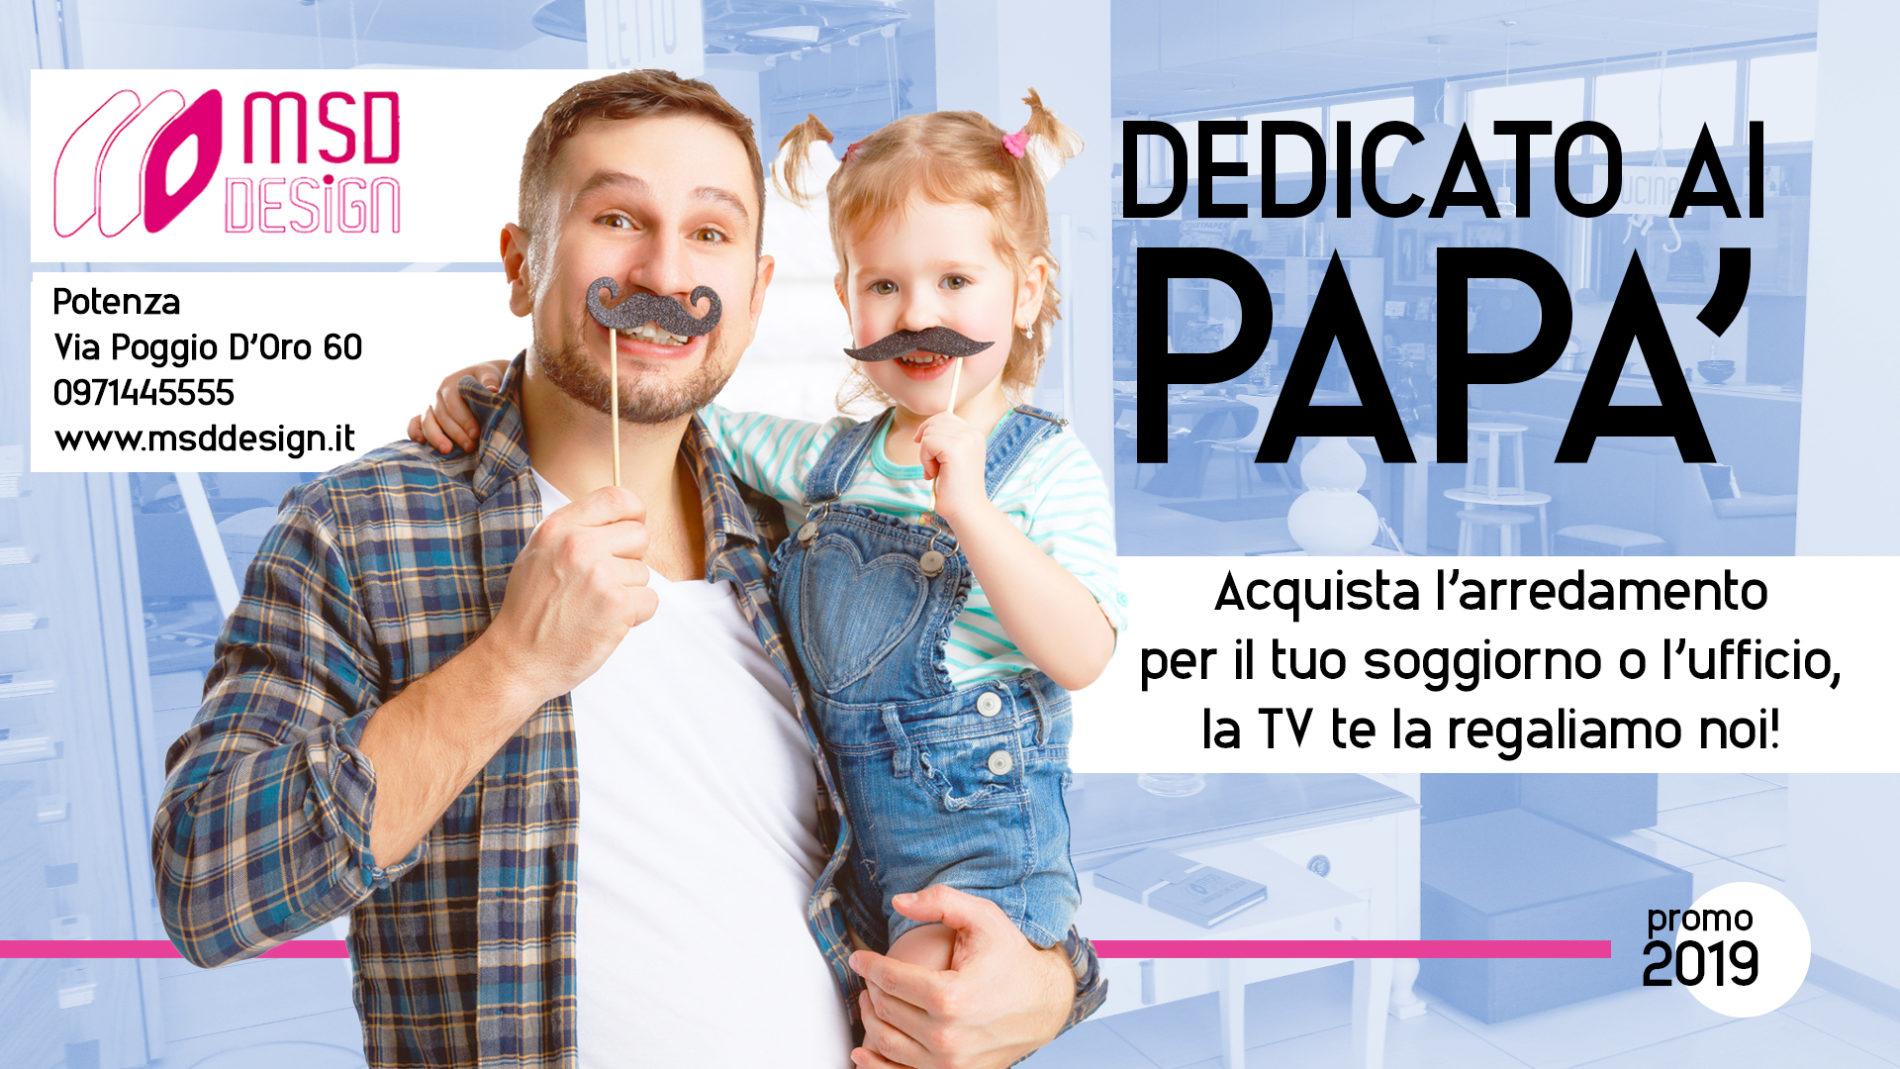 dedicato ai papà 2 - News